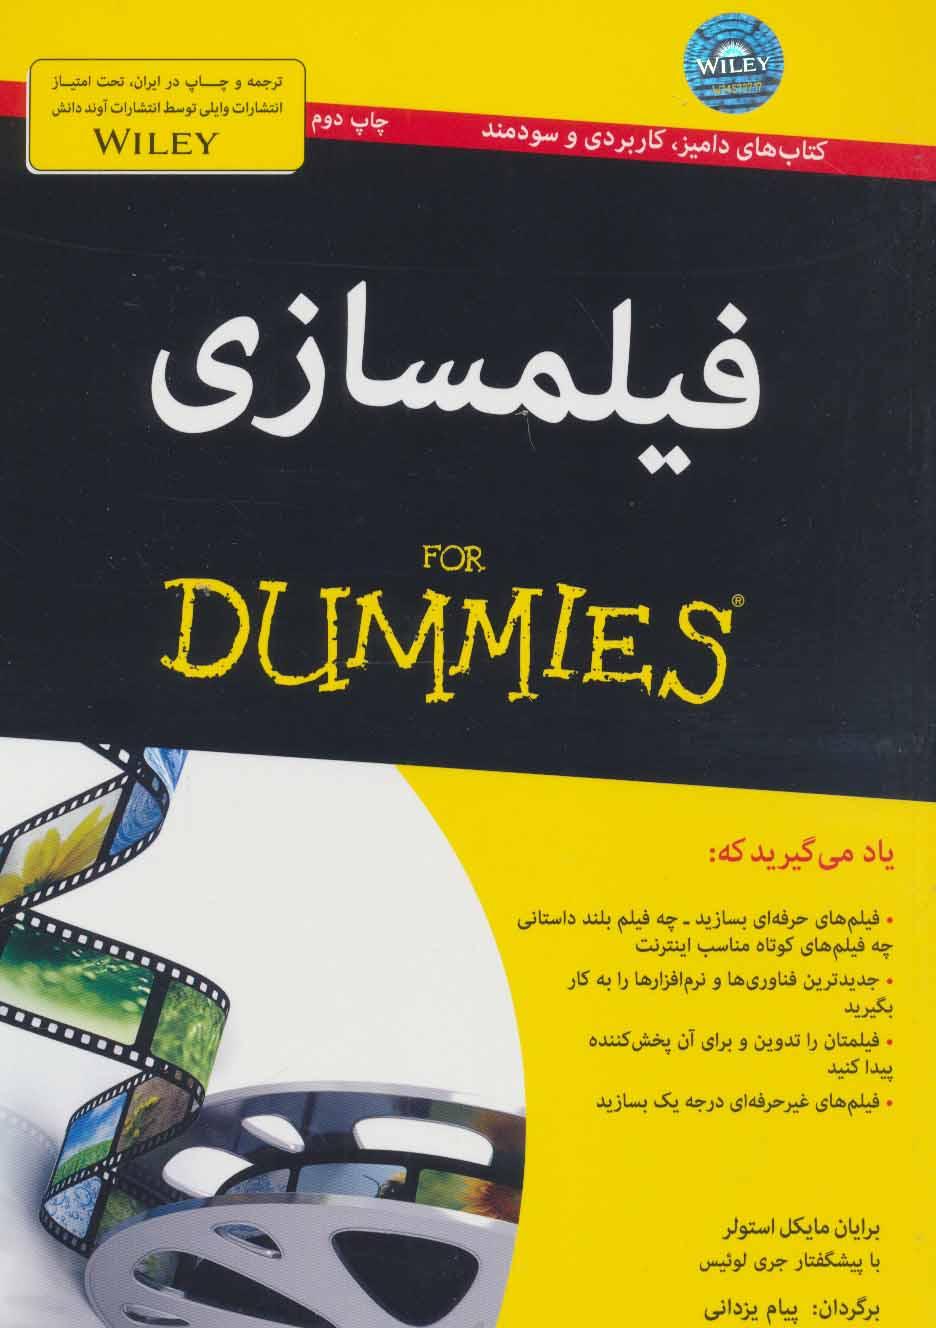 کتاب های دامیز (فیلمسازی)